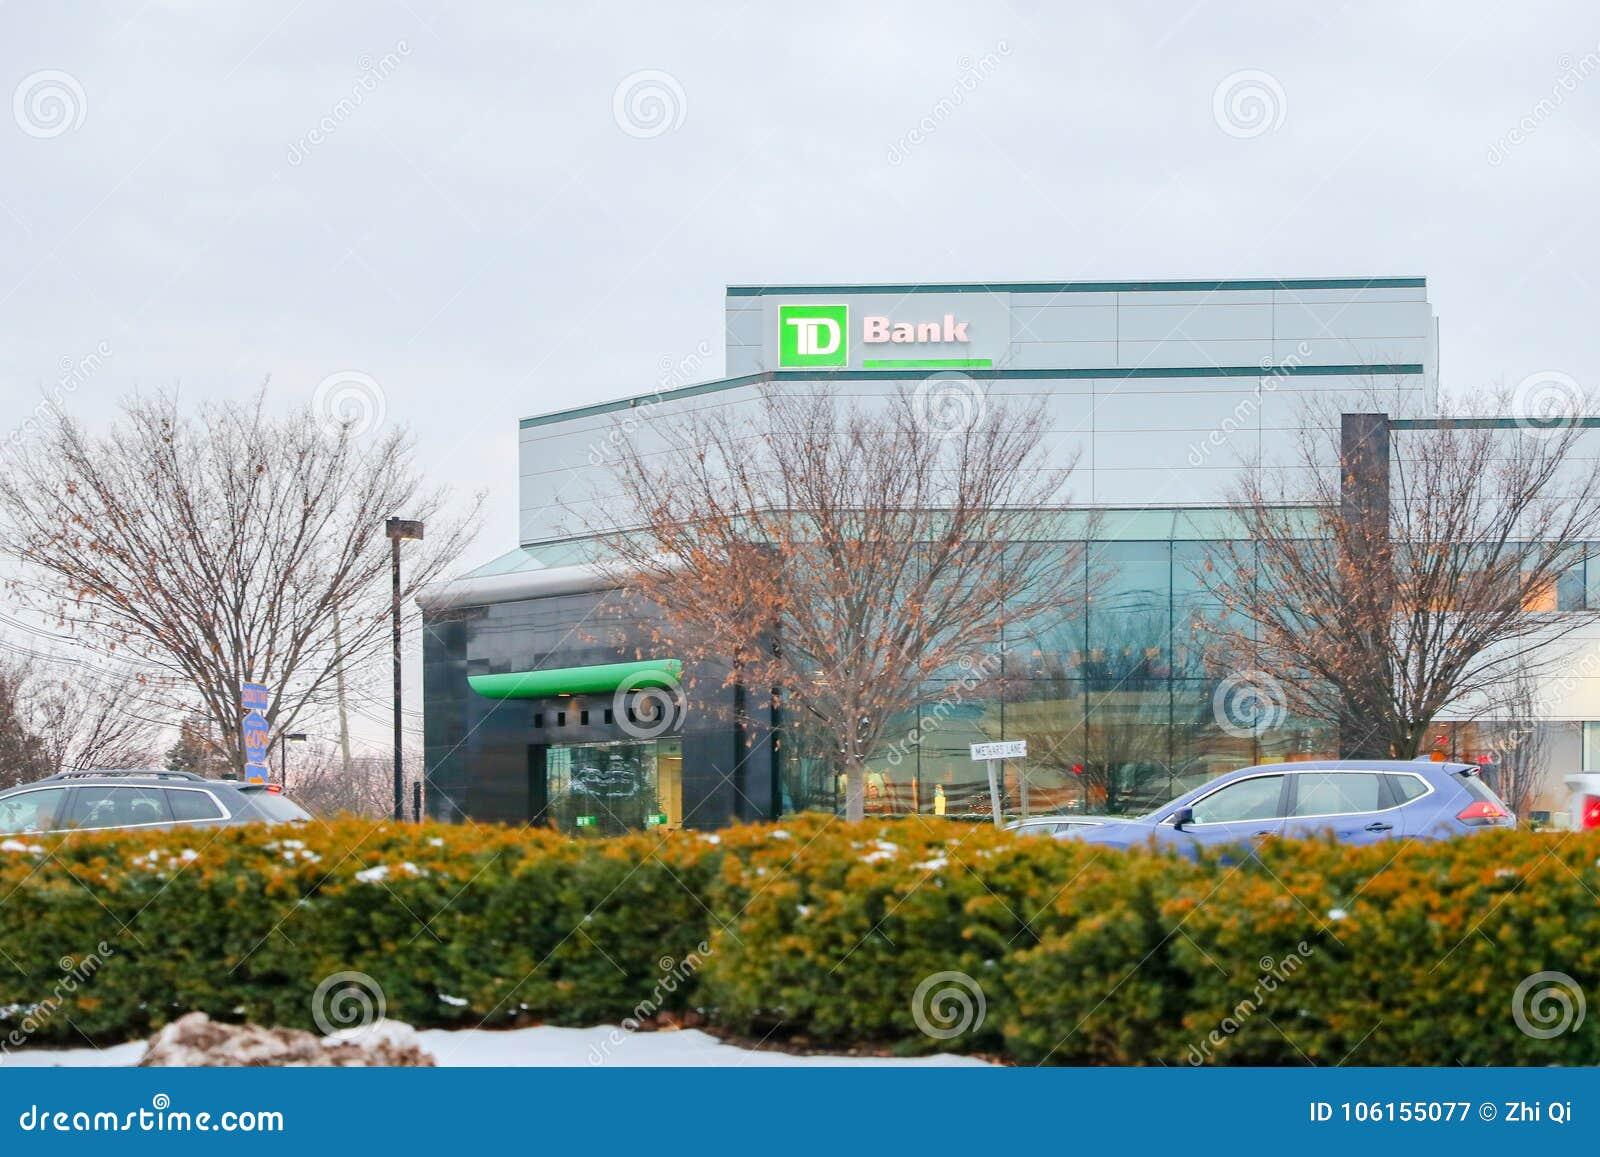 Εξωτερικό σημάδι τράπεζας του TD μια τοπ τράπεζα δέκα στη Βόρεια Αμερική